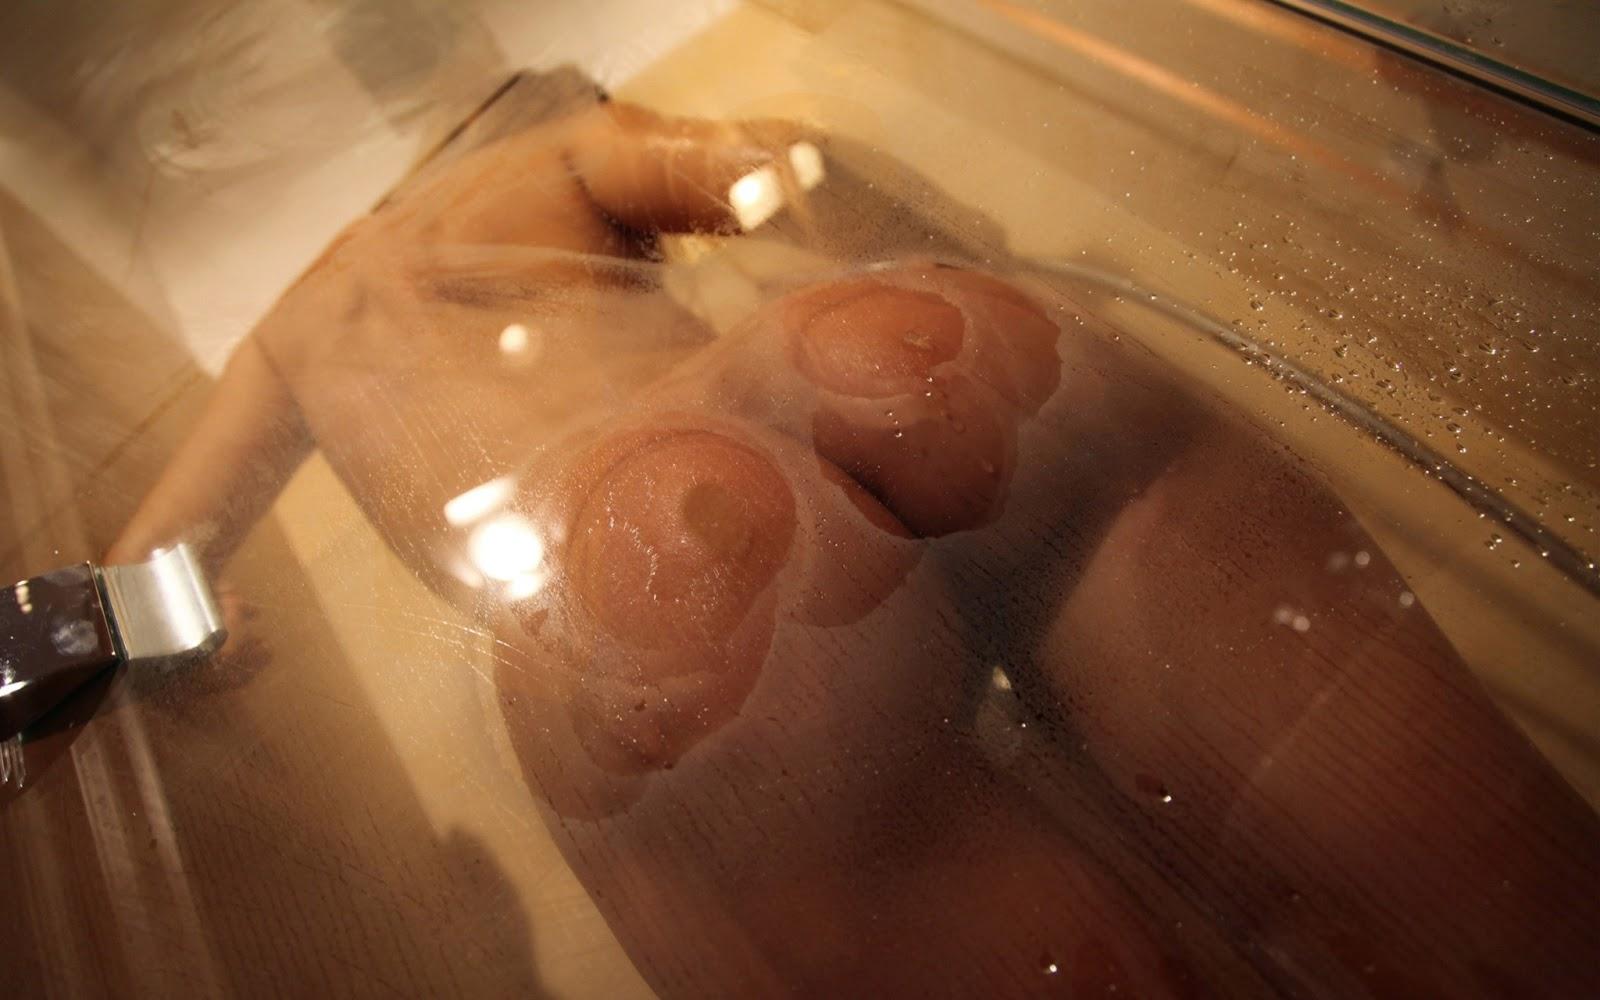 golie-popki-v-dushe